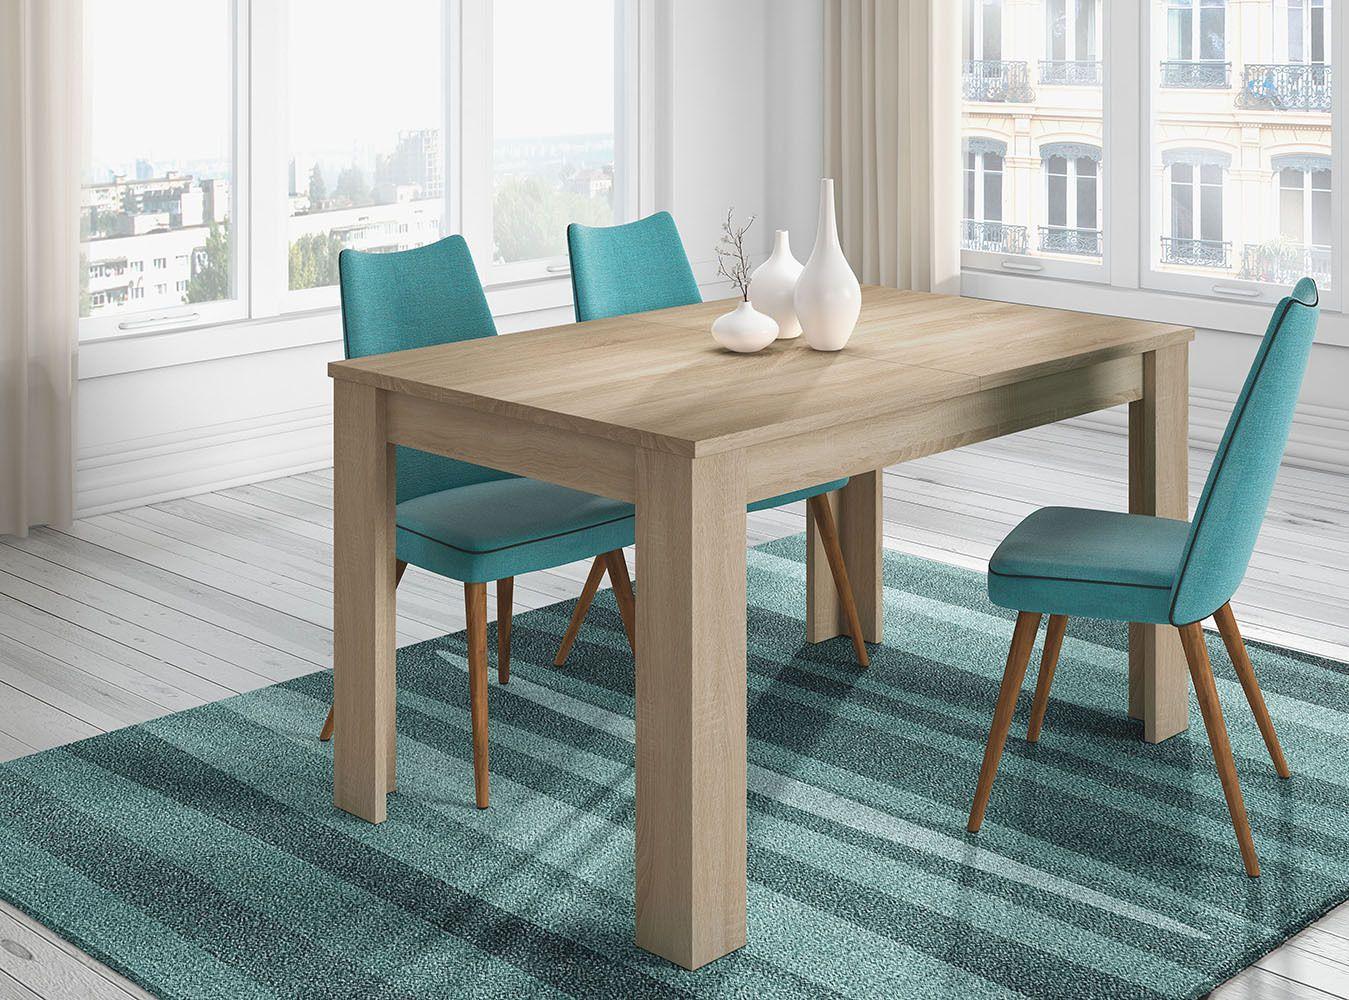 Mesa de comedor extensible, mesa cocina mueble salon mesa grande ...